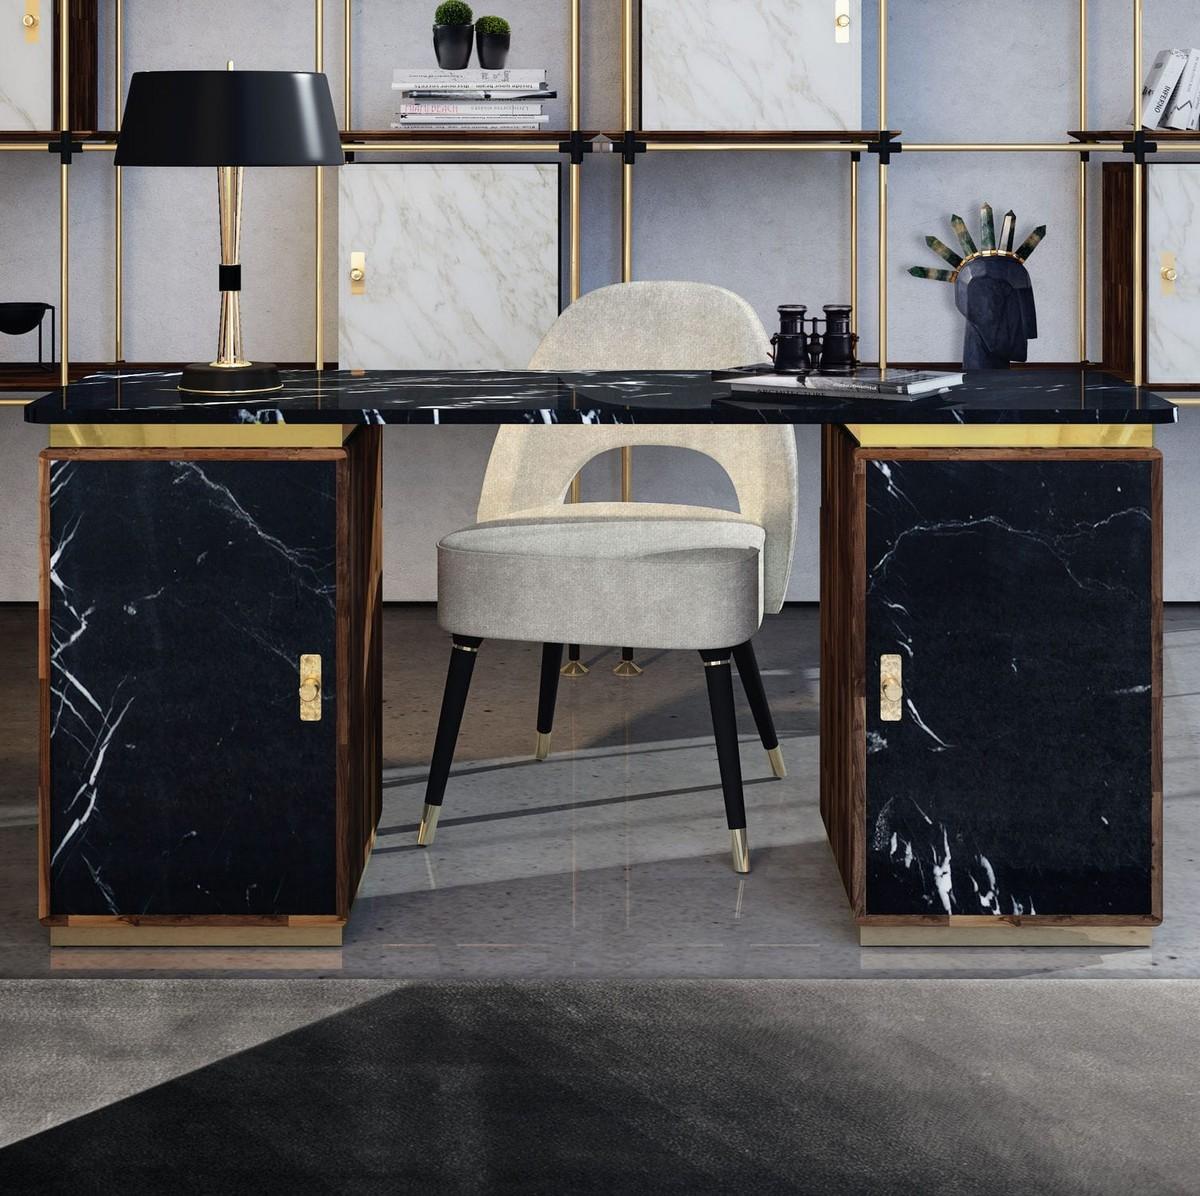 Top Bespoke Luxury Desks luxury desks Top Bespoke Luxury Desks 150976 11959809